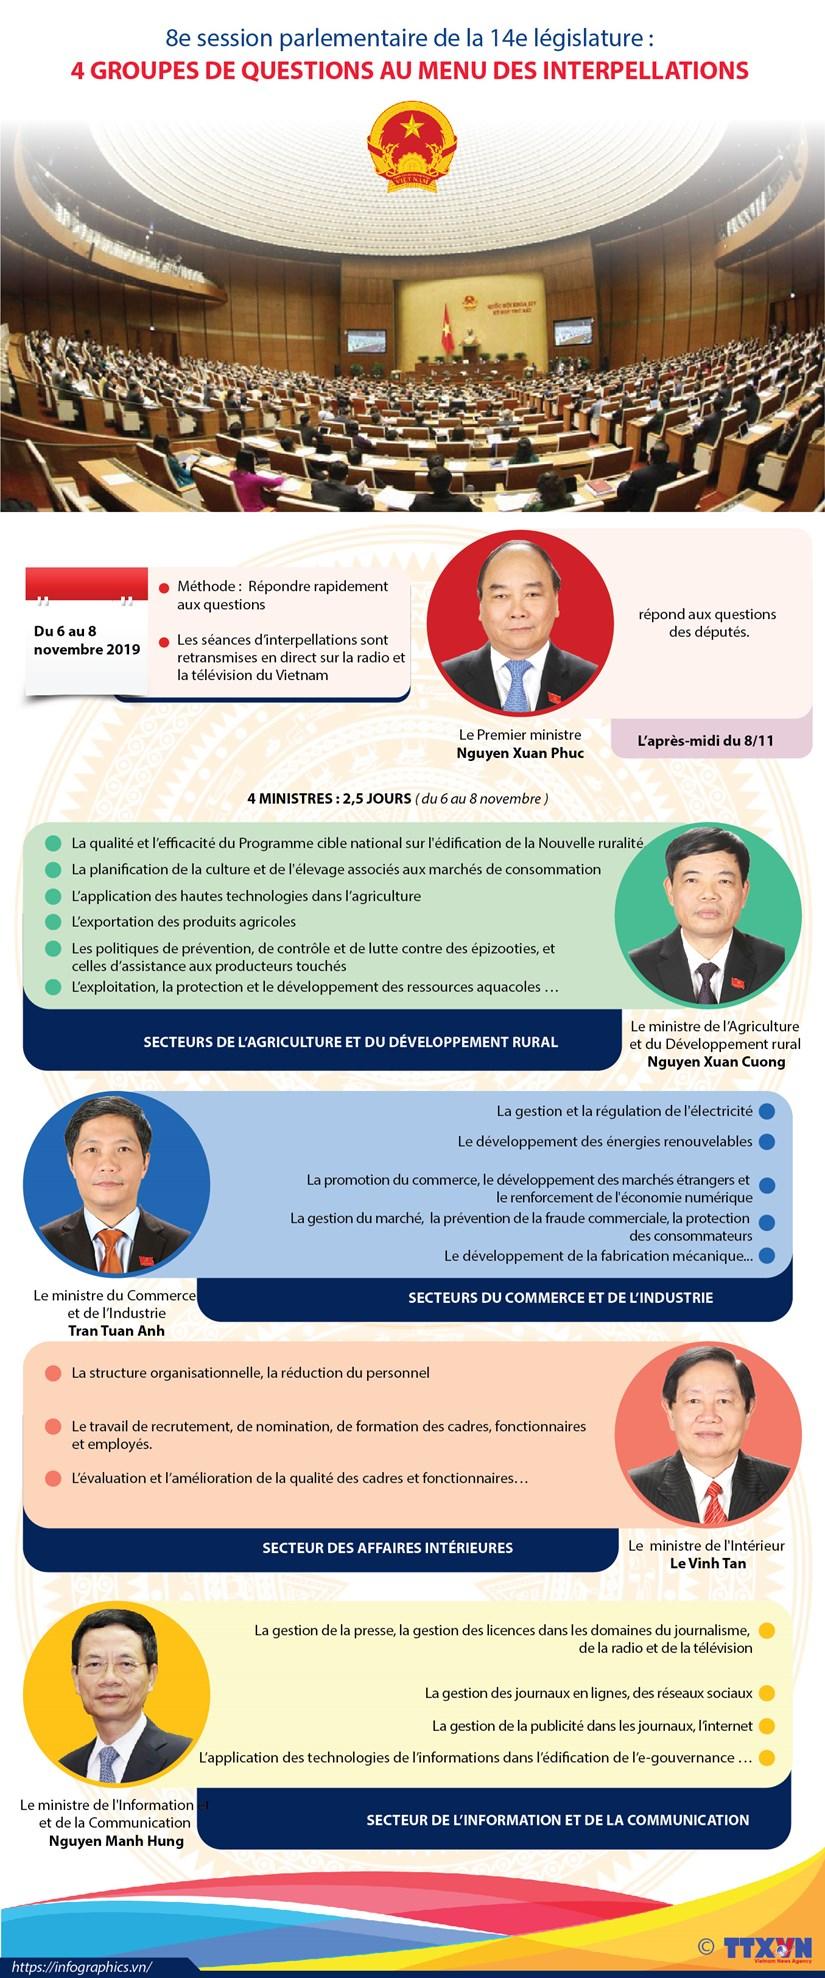 Quatre groupes de questions au menu des interpellations de la 8e session parlementaire hinh anh 1